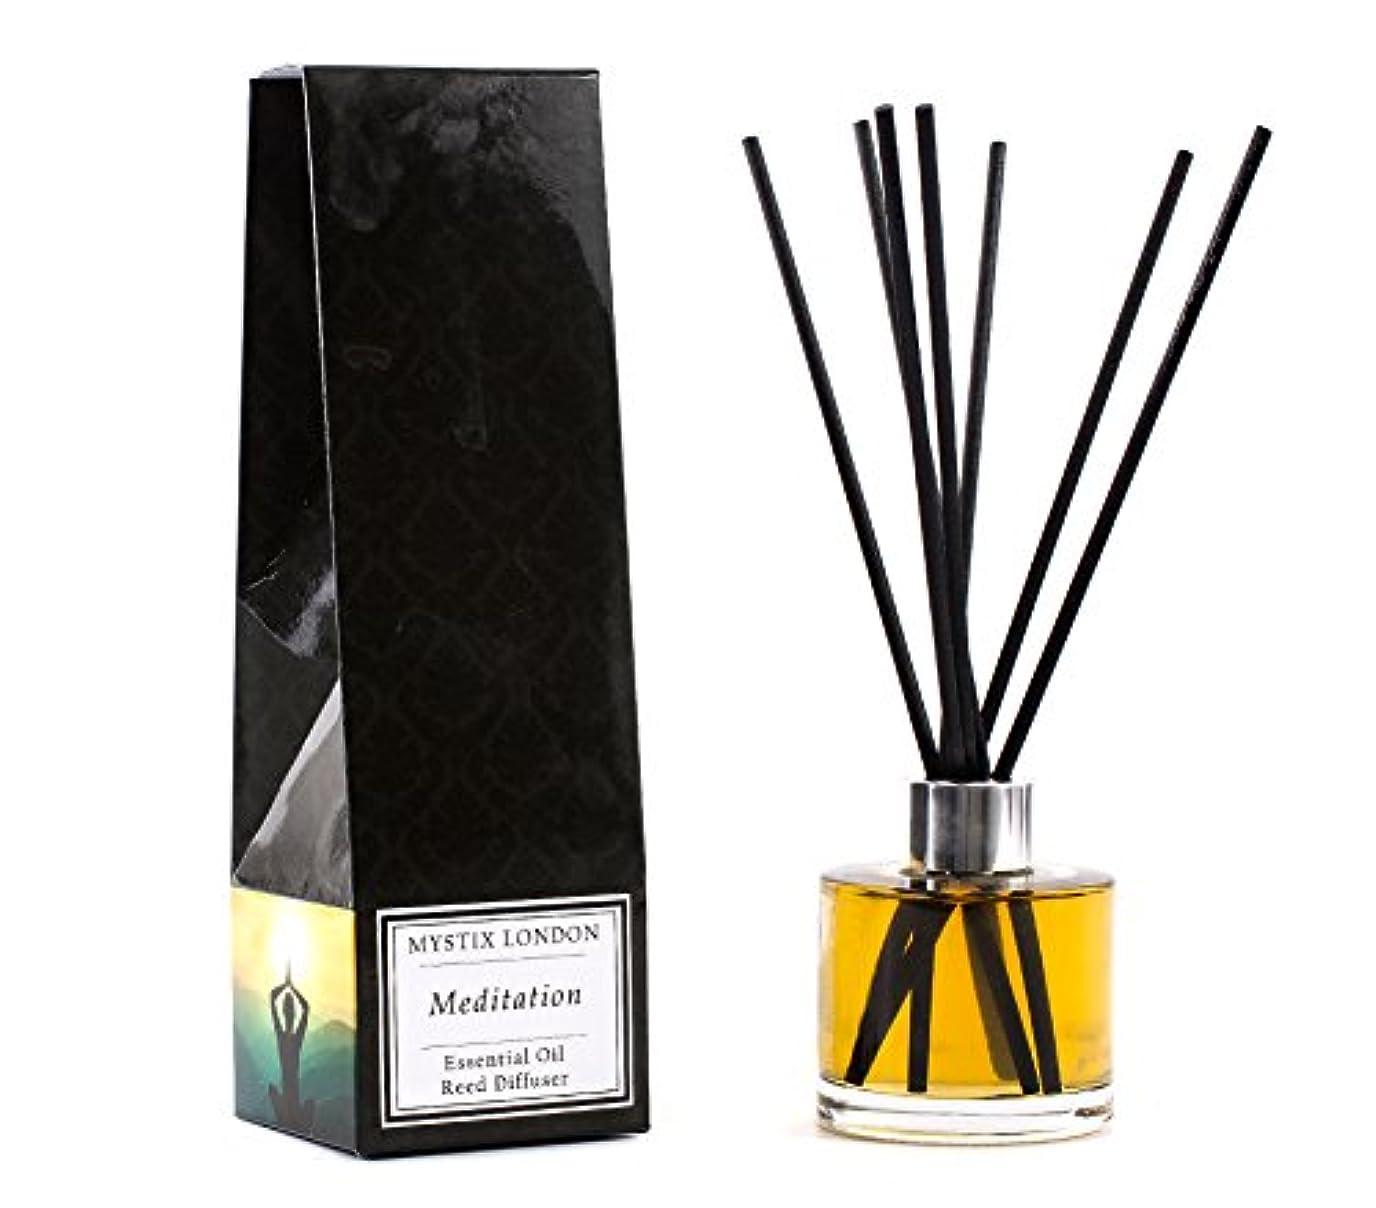 タワー堀ゴムMystix London   Meditation - Essential Oil Reed Diffuser - 100ml